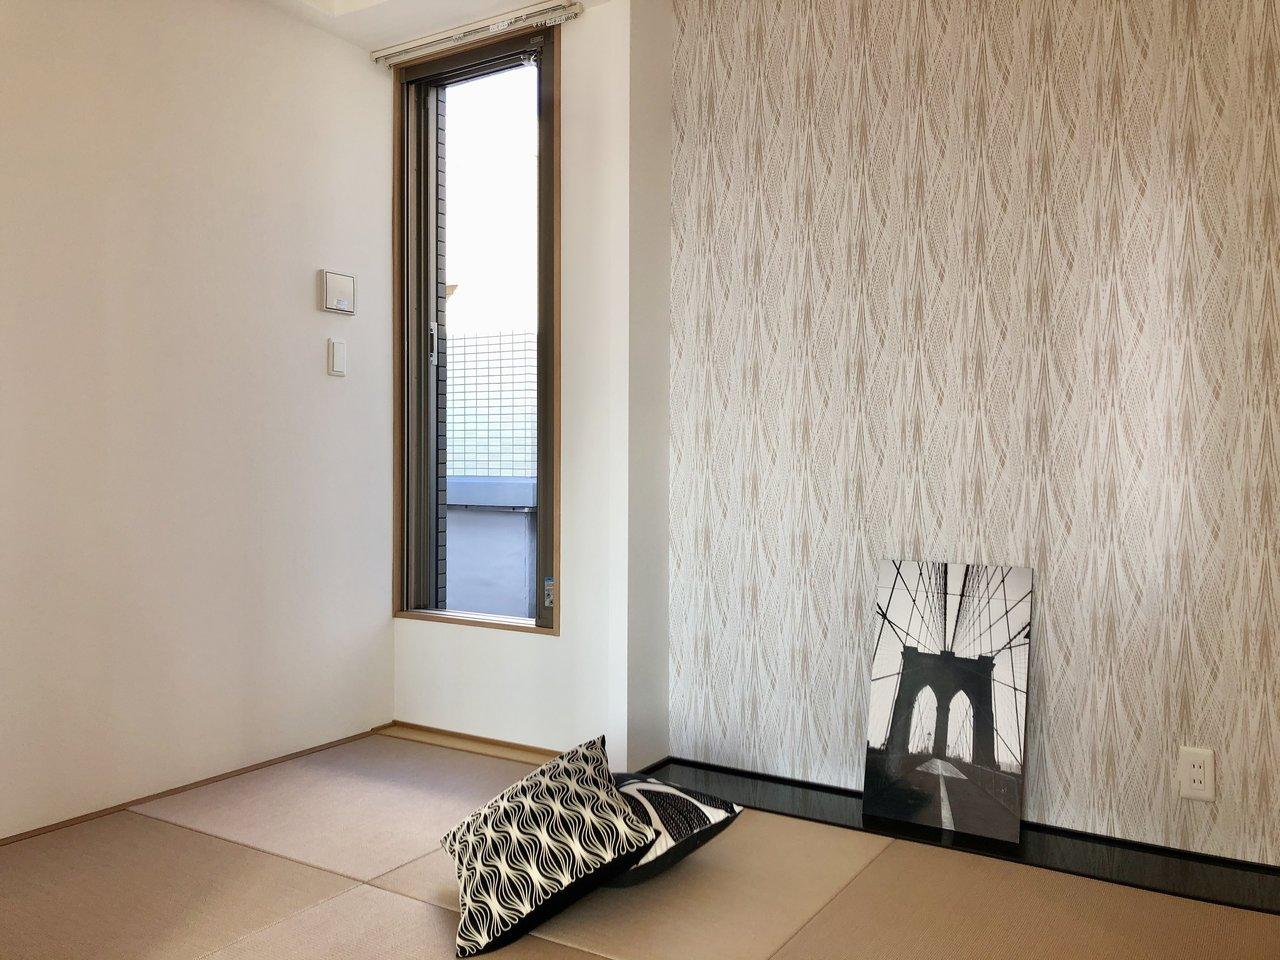 LDKの横にはモダンな琉球畳の和室もありますよ。客間として使うのに便利そう。